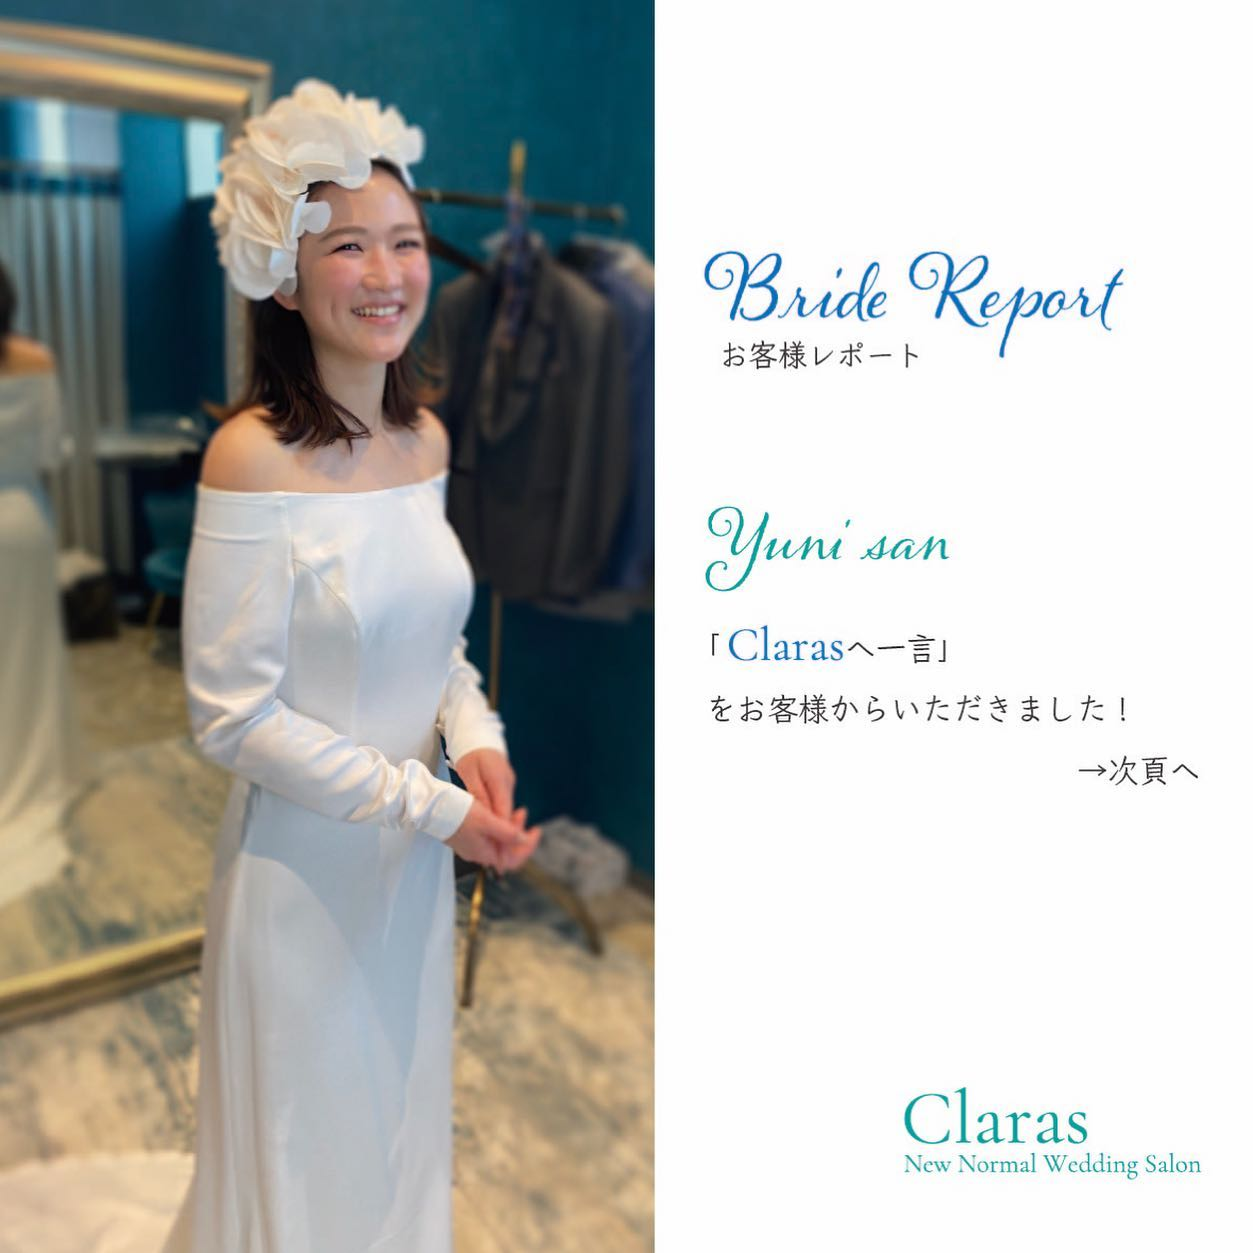 """🕊Claras が伝えたいこと🕊・本当のドレス選びの楽しさを感じて欲しい・インポートドレスを適正価格でお届けするのがClaras・レンタルでは叶わない繊細で上質な素材も、ジャストサイズだから再現できるデザイン美も・Parisに関連会社があるからこそ直輸入での適正価格が叶う・Clarasは1組ずつ貸切でご案内寛ぎながら本当にその方に合った1着へと導きます自分だけのための1着を選びに来てください🤍結婚式やフォトなど迷ってる方でもまずはClarasへ🕊・長年様々なウエディングに携わってきたClarasスタッフより、細かなカウンセリングを行い的確ななご提案をさせていただきますご予約はDMからでも承れます・New Normal Wedding Salon""""Claras""""https://claras.jp/・about """"Claras""""…(ラテン語で、明るい·輝く)As(明日· 未来, フランス語て最高、一番) ・明るく輝く明日(未来) に貢献したいという想いを込めています🕊Fashionの都Parisをはじめ、欧米から選りすぐりのドレスをこれから出逢う花嫁のために取揃えました・2021.3.7 (Sun)NEW OPEN・Dressから始まるWedding Story""""憧れていた Dress選びから始まる結婚準備があったっていい""""・さまざまな新しい「価値」を創造し発信していきますこれからの新しい Wedding の常識を""""Claras """"から🕊・New Normal Wedding Salon【Claras】〒107-0061 東京都港区北青山2-9-14SISTER Bldg 1F(101) 東京メトロ銀座線 外苑前駅3番出ロより徒歩2分Tel:03 6910 5163HP: https://claras.jp営業時間:平日 12:00-18:00 土日祝11:00-18:00(定休日:月・火)・#wedding #weddingdress #instagood #instalike #claras #卒花 #卒花嫁 #ウェディングドレス #プレ花嫁 #ドレス試着 #ドレス迷子#2021夏婚 #2021冬婚 #ヘアメイク #結婚式  #ドレス選び #インポートドレス #フォトウェディング #ウェディングヘア  #フォト婚  #ニューノーマル #ブライダルフォト #カップルフォト #ウェディングドレス探し #ウェディングドレス試着 #セルドレス #ドレスショップ #バウリニューアル #運命のドレス #卒花"""